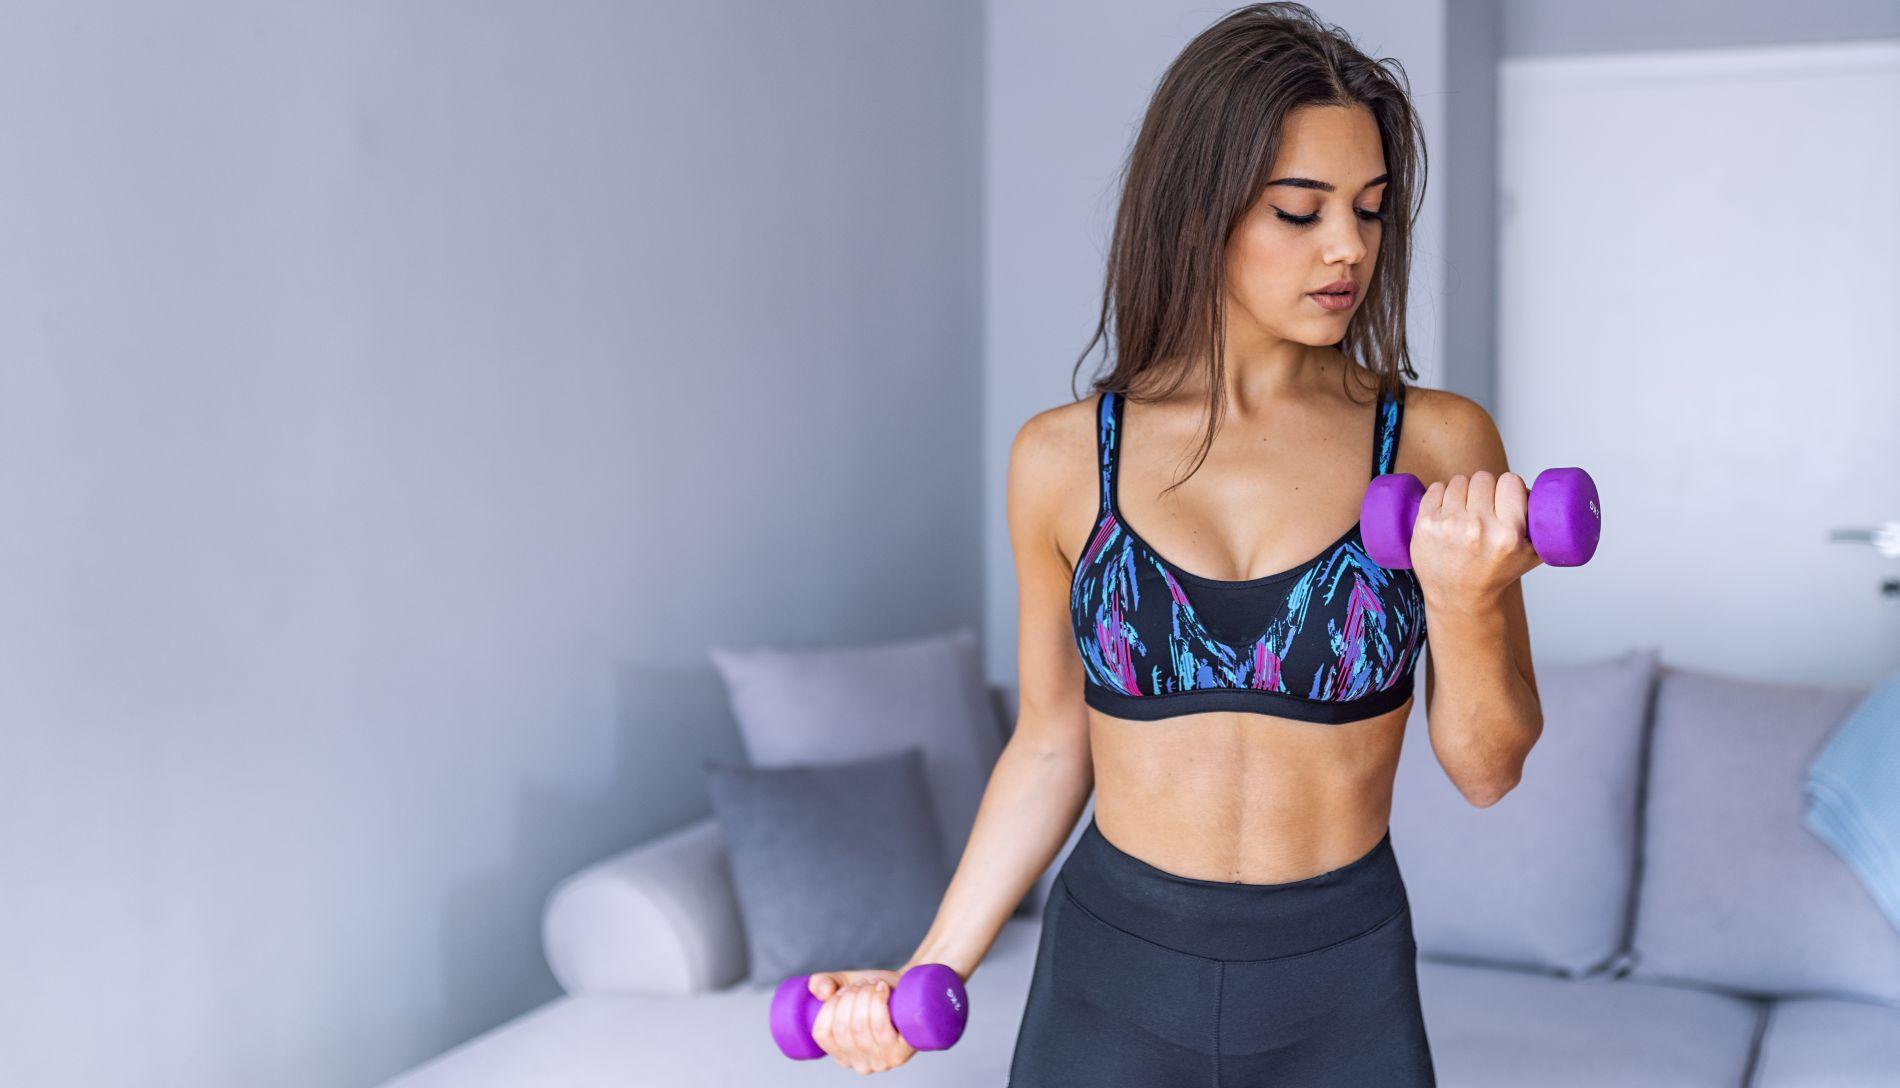 ekscentrična vježba, žena diže utege